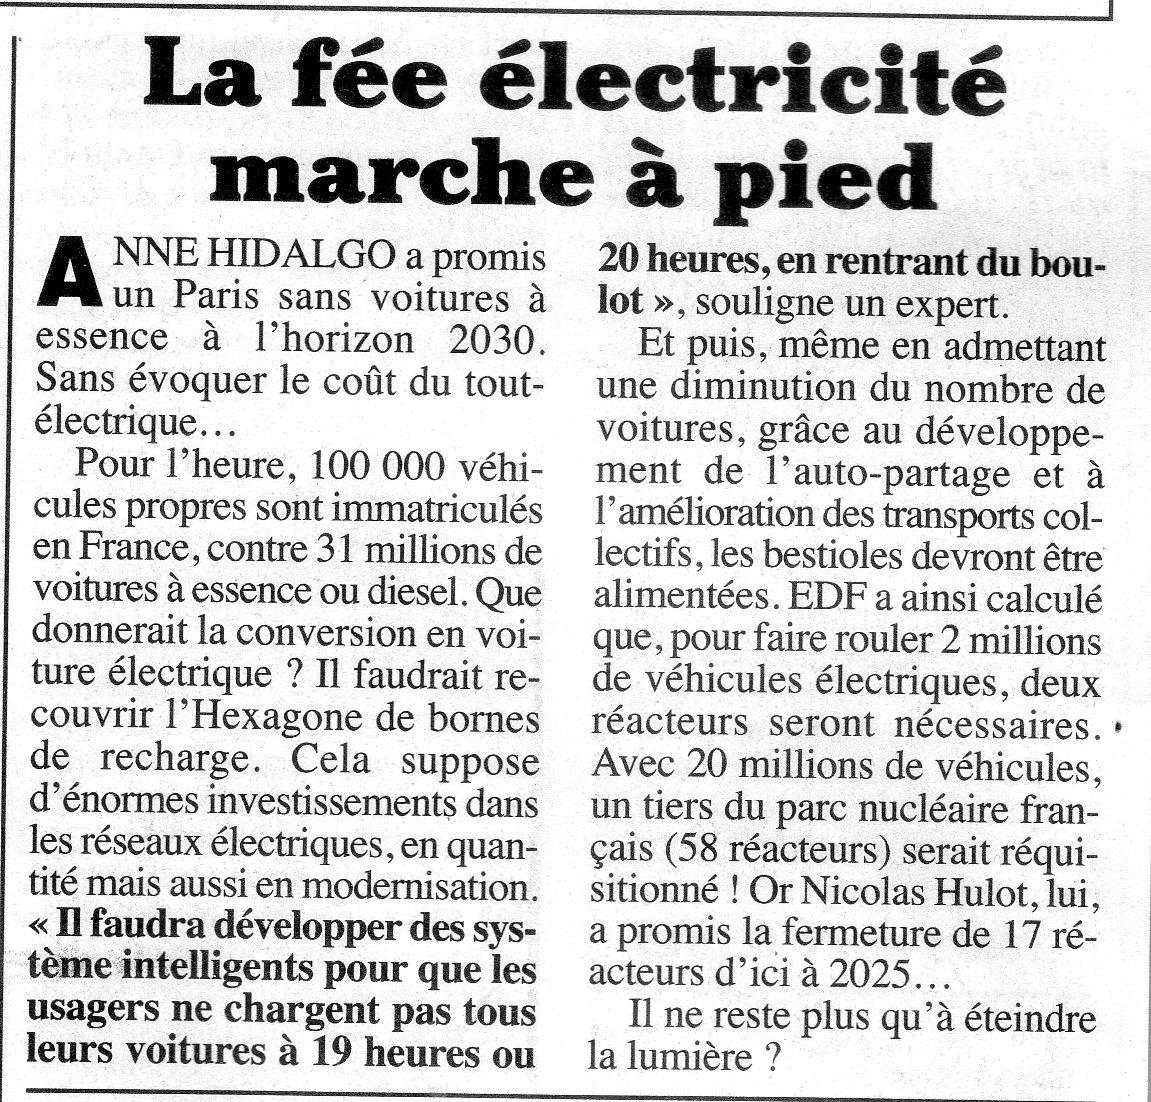 Voiture électyriques011.jpg